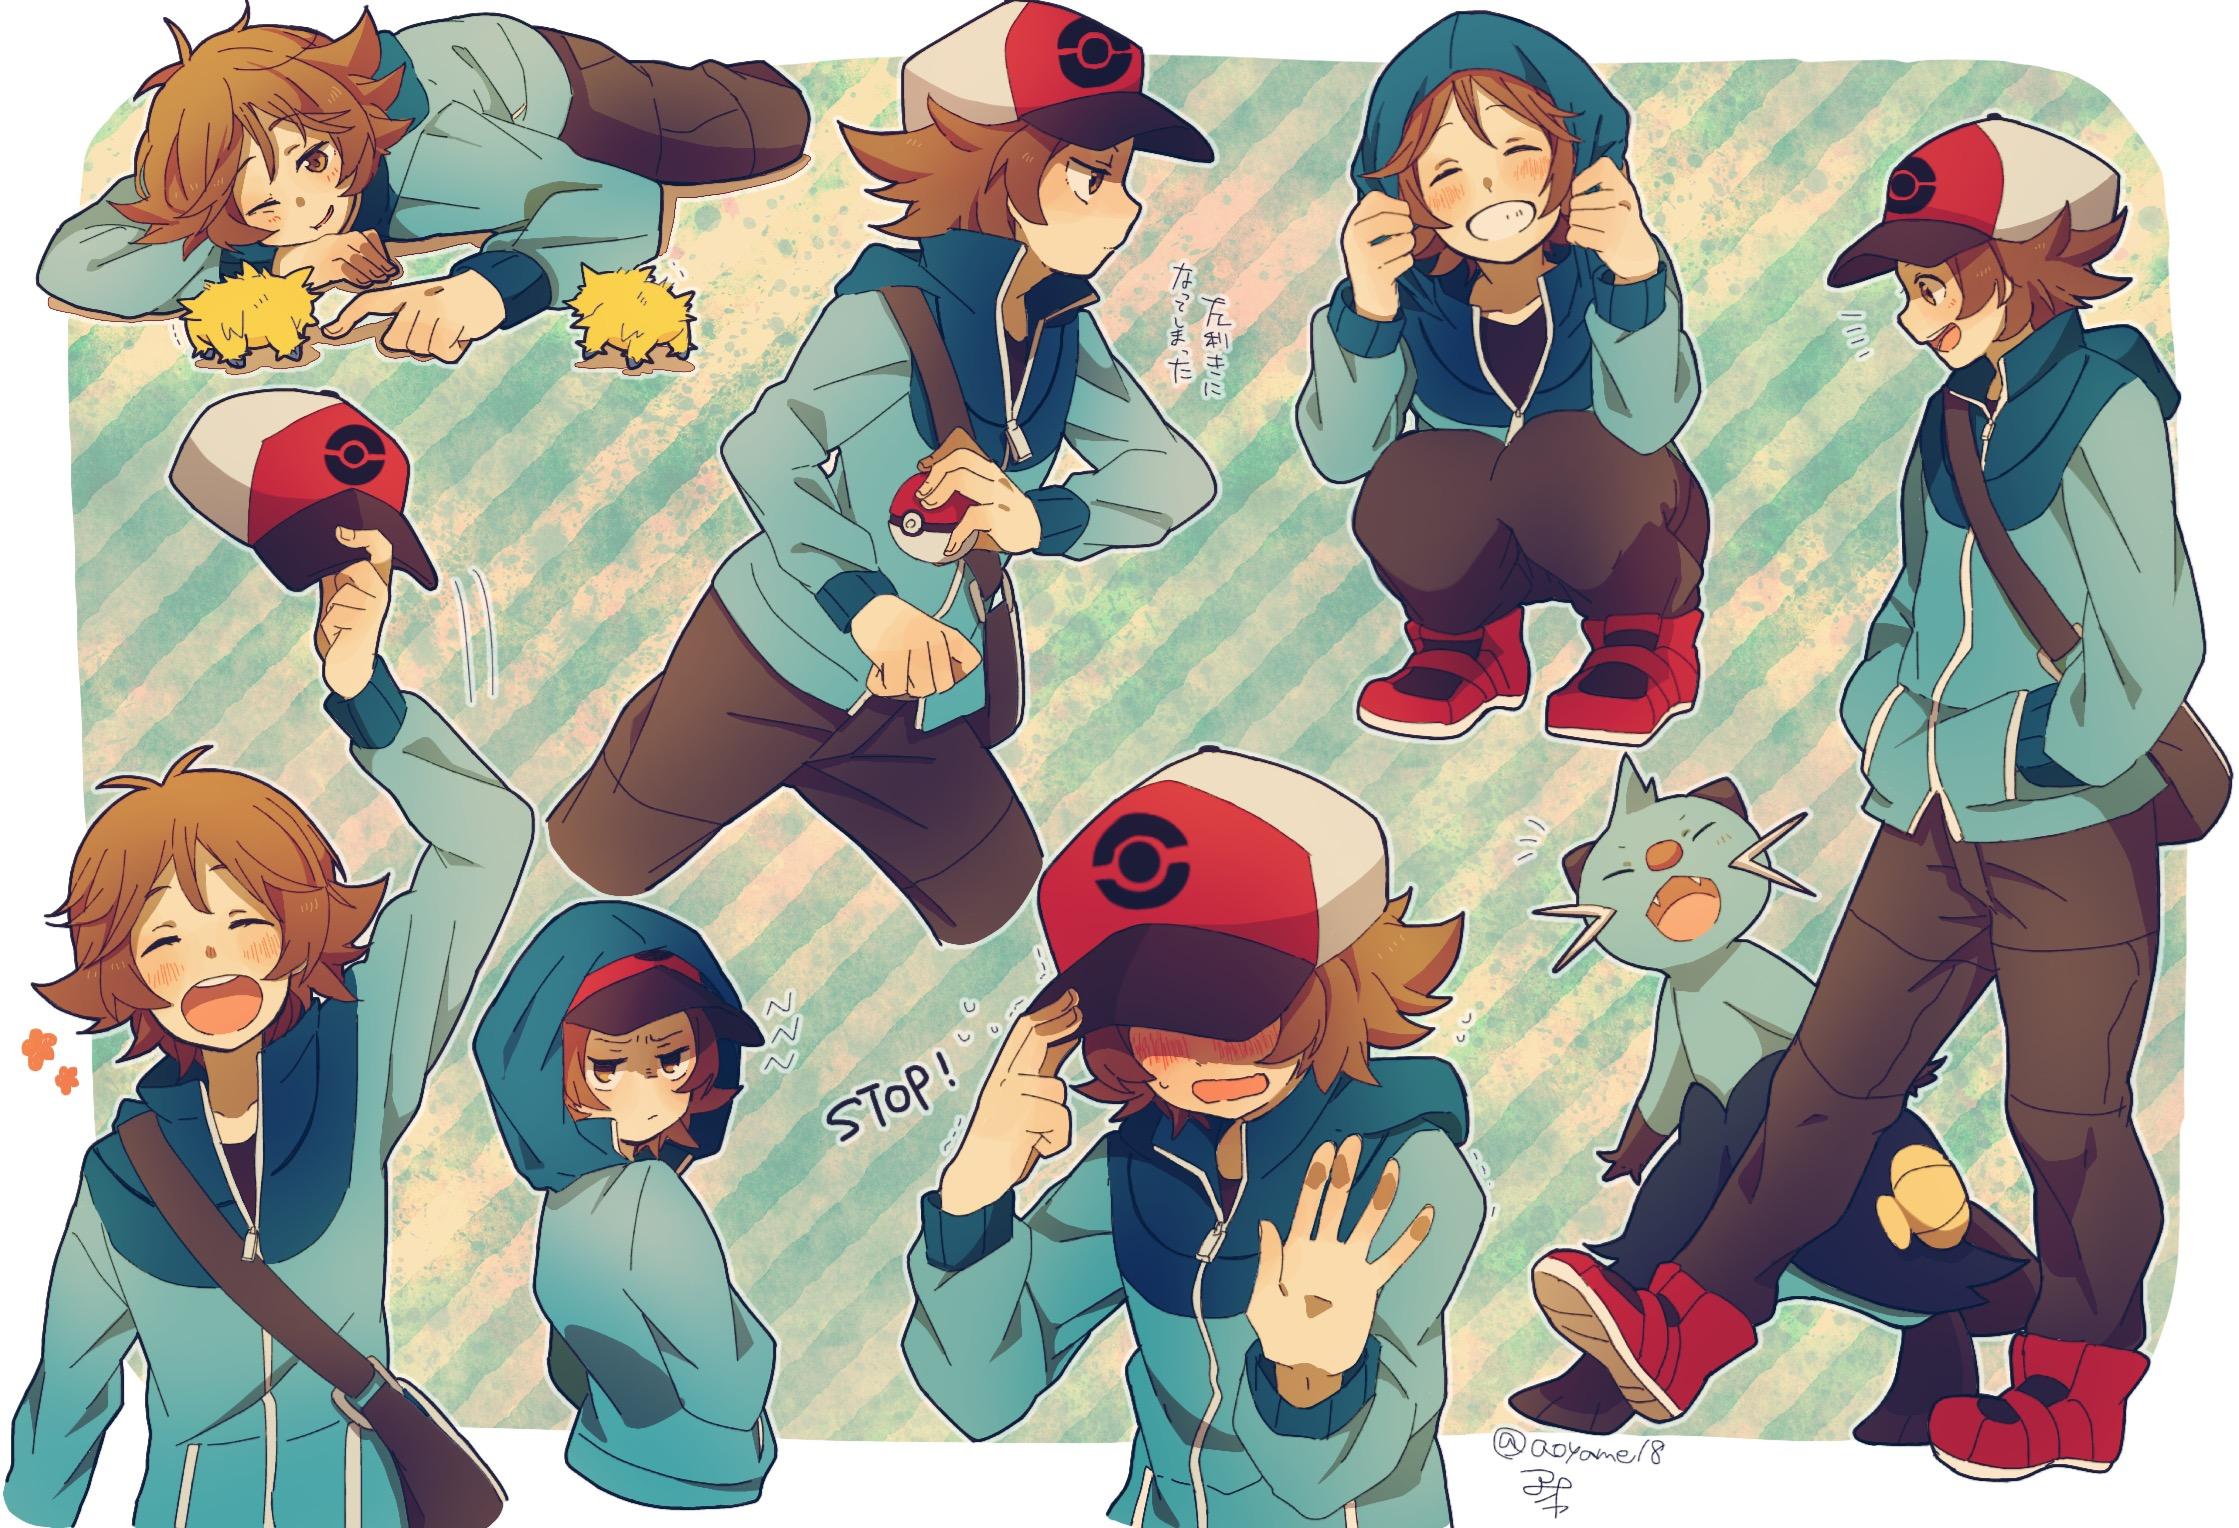 pokémon black white image 2163138 zerochan anime image board